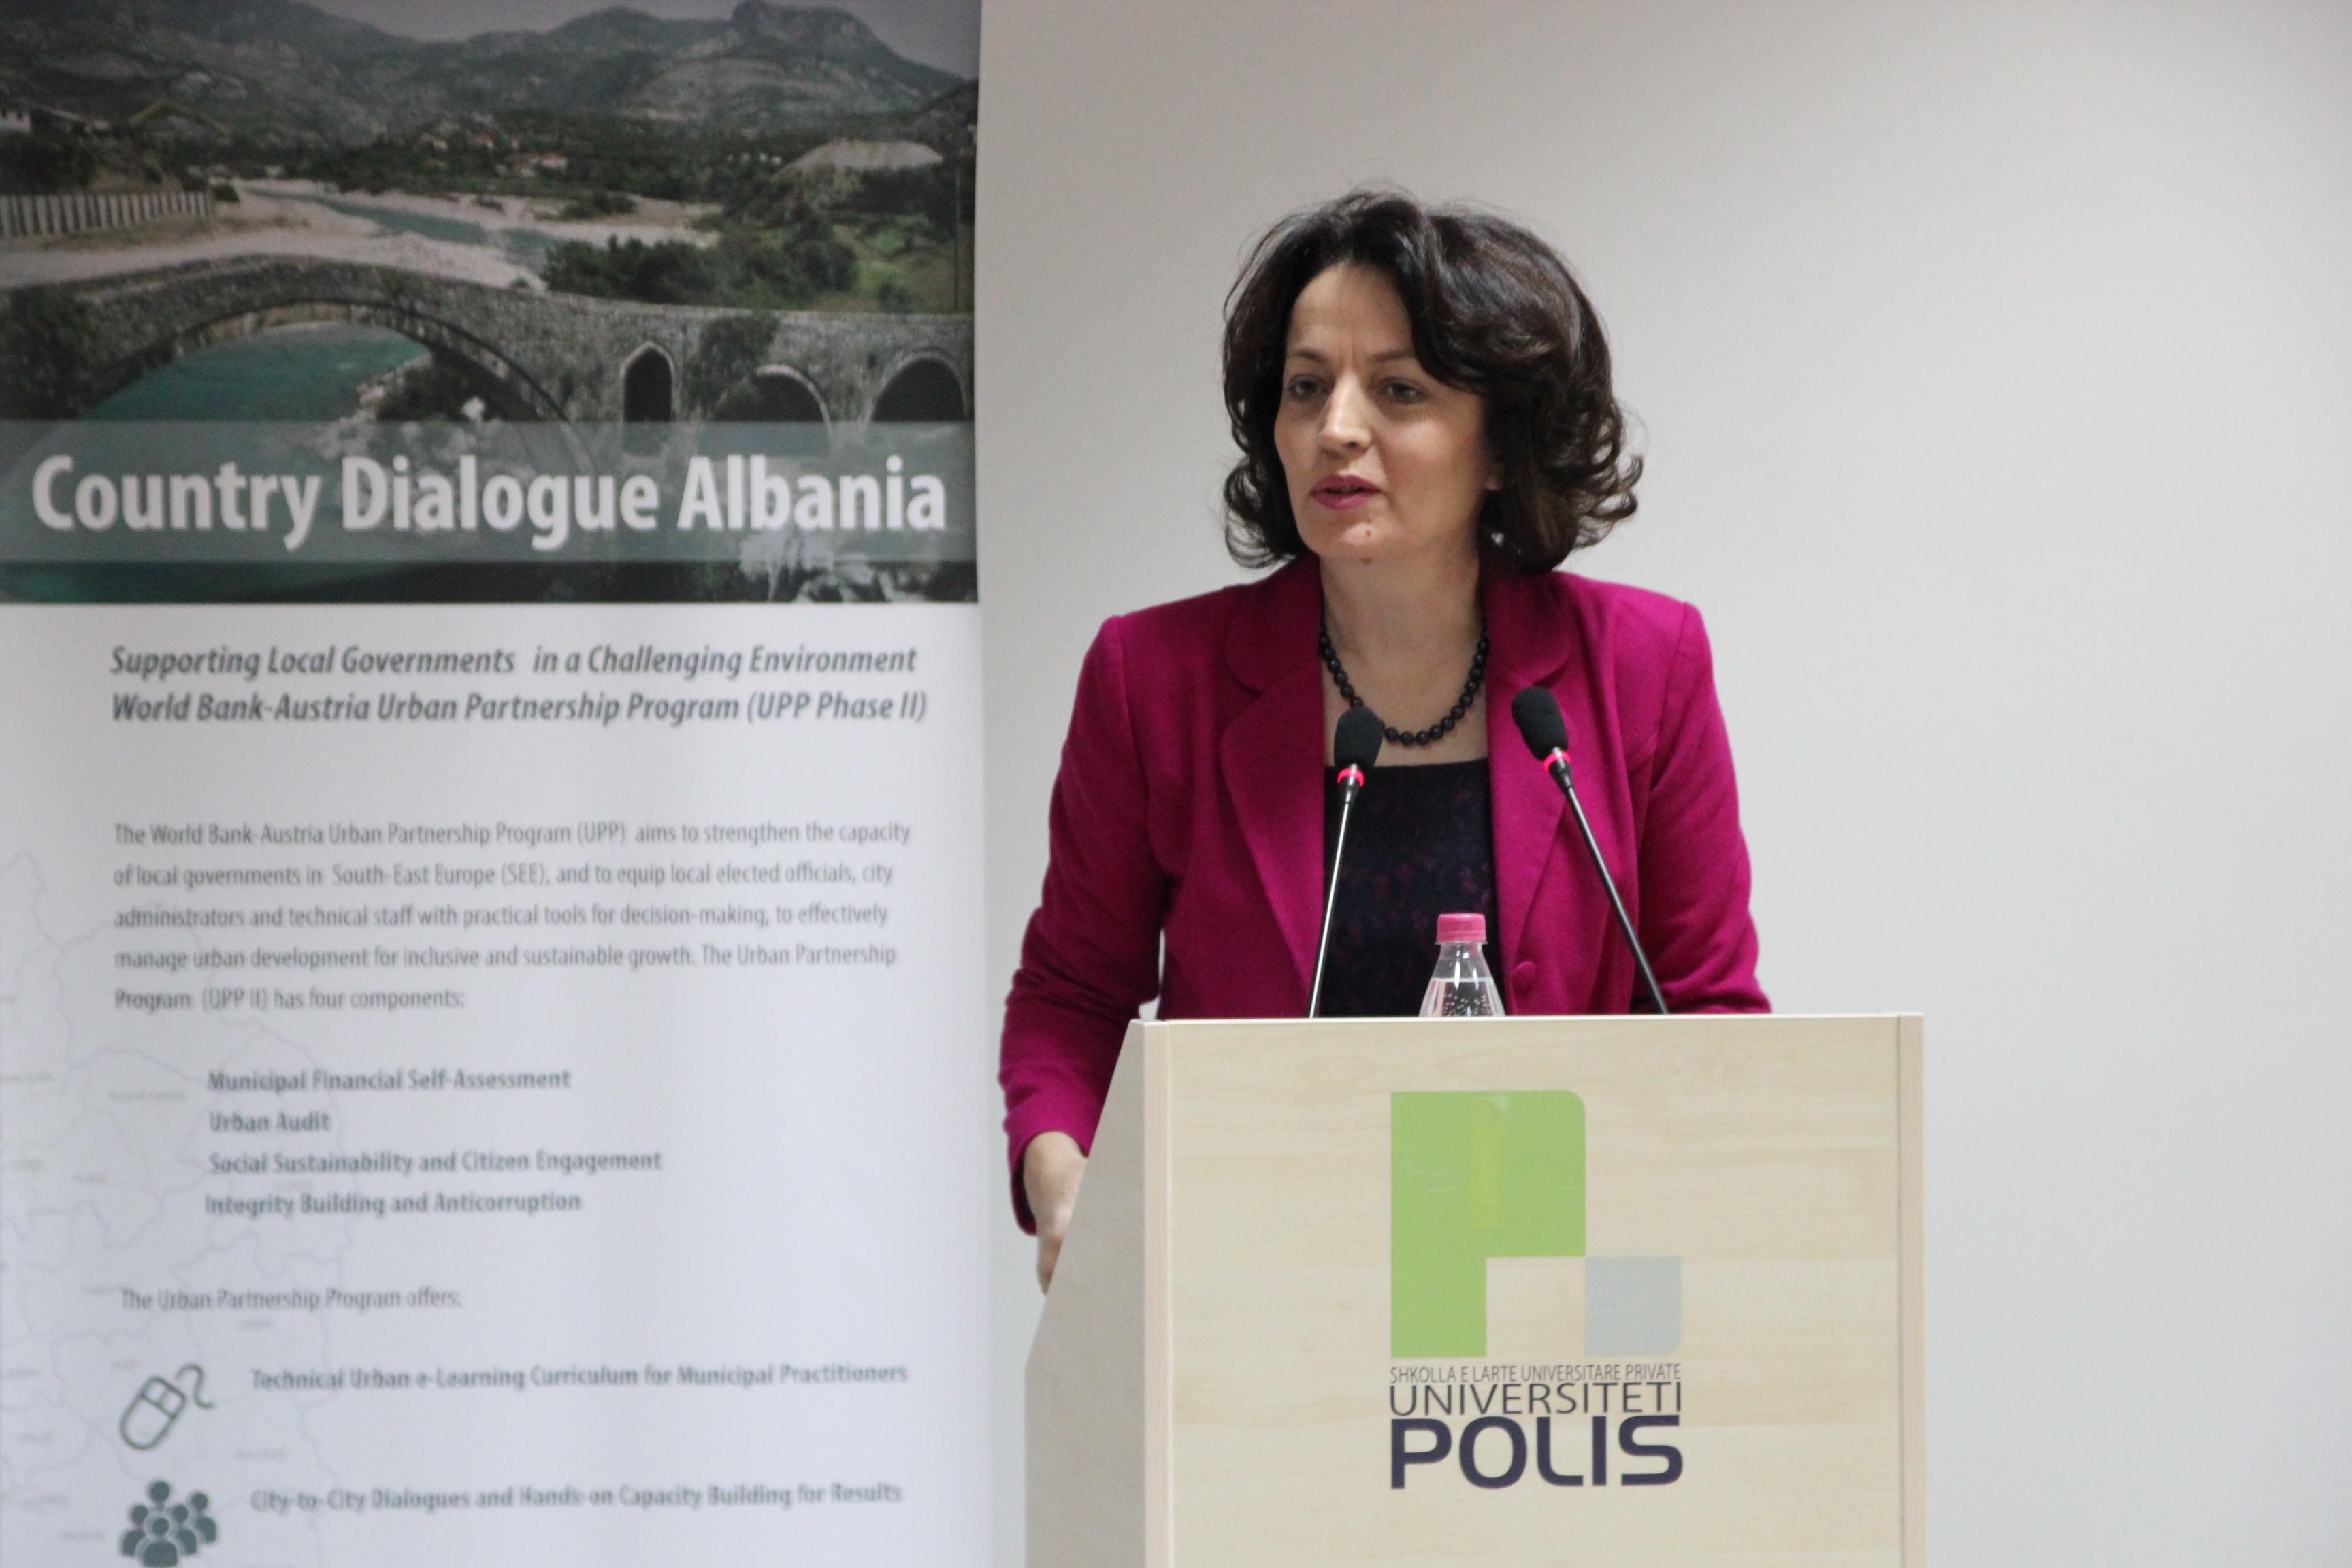 Dialogu Kombëtar Shqipëri